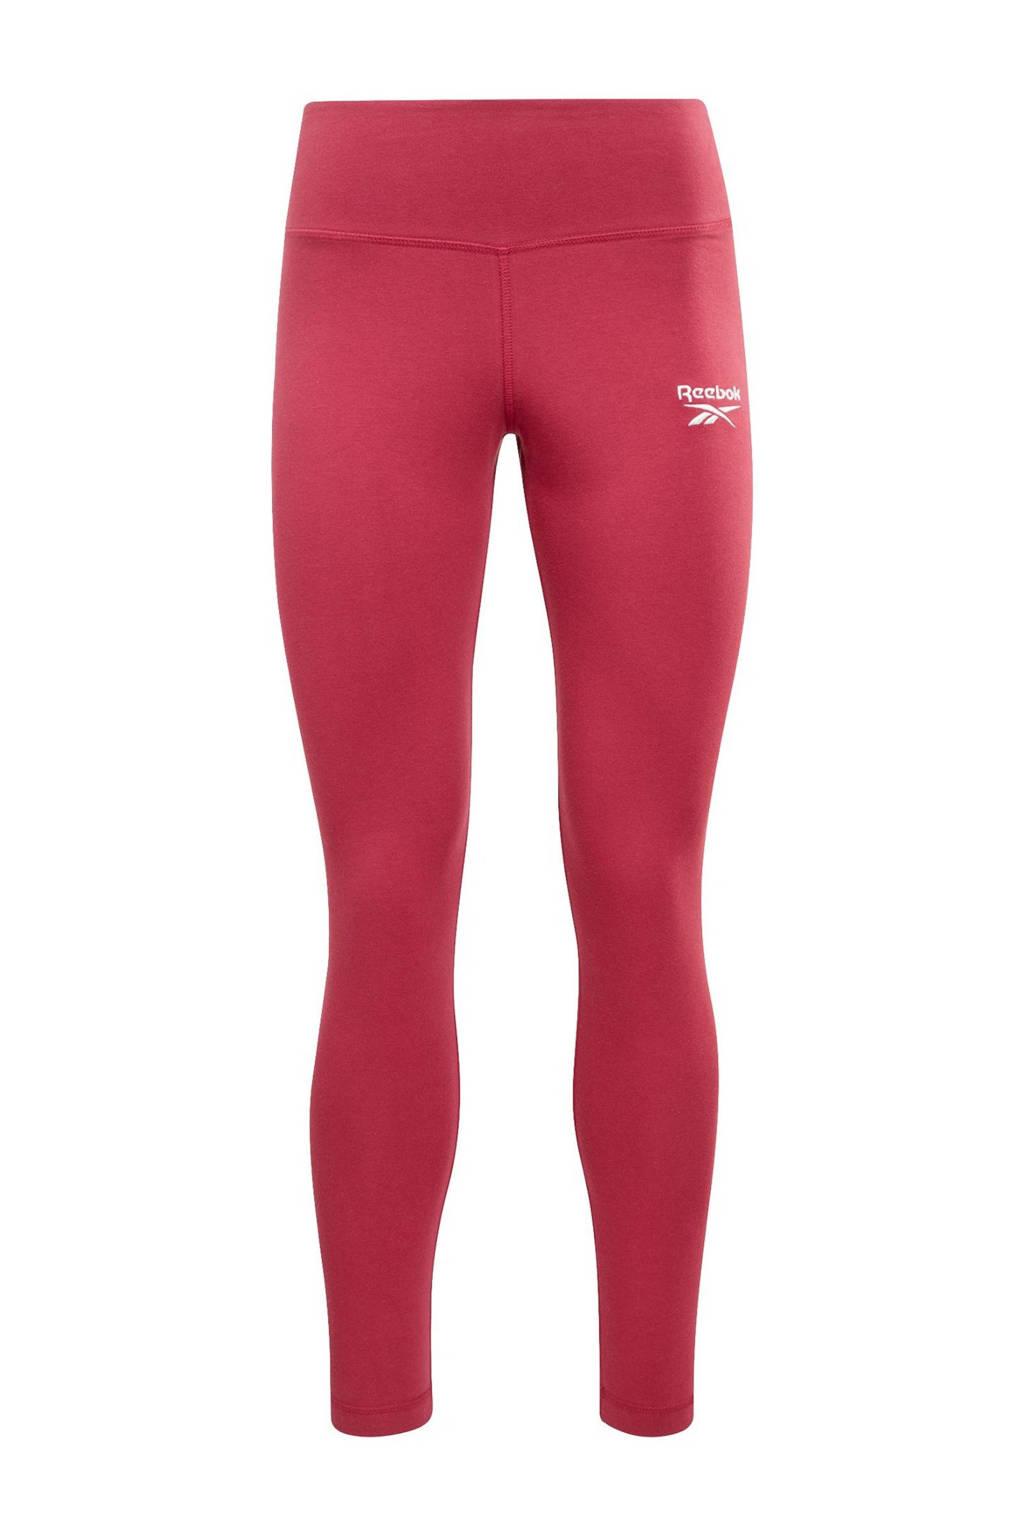 Reebok Classics slim fit legging met logo donkerroze, Donkerroze